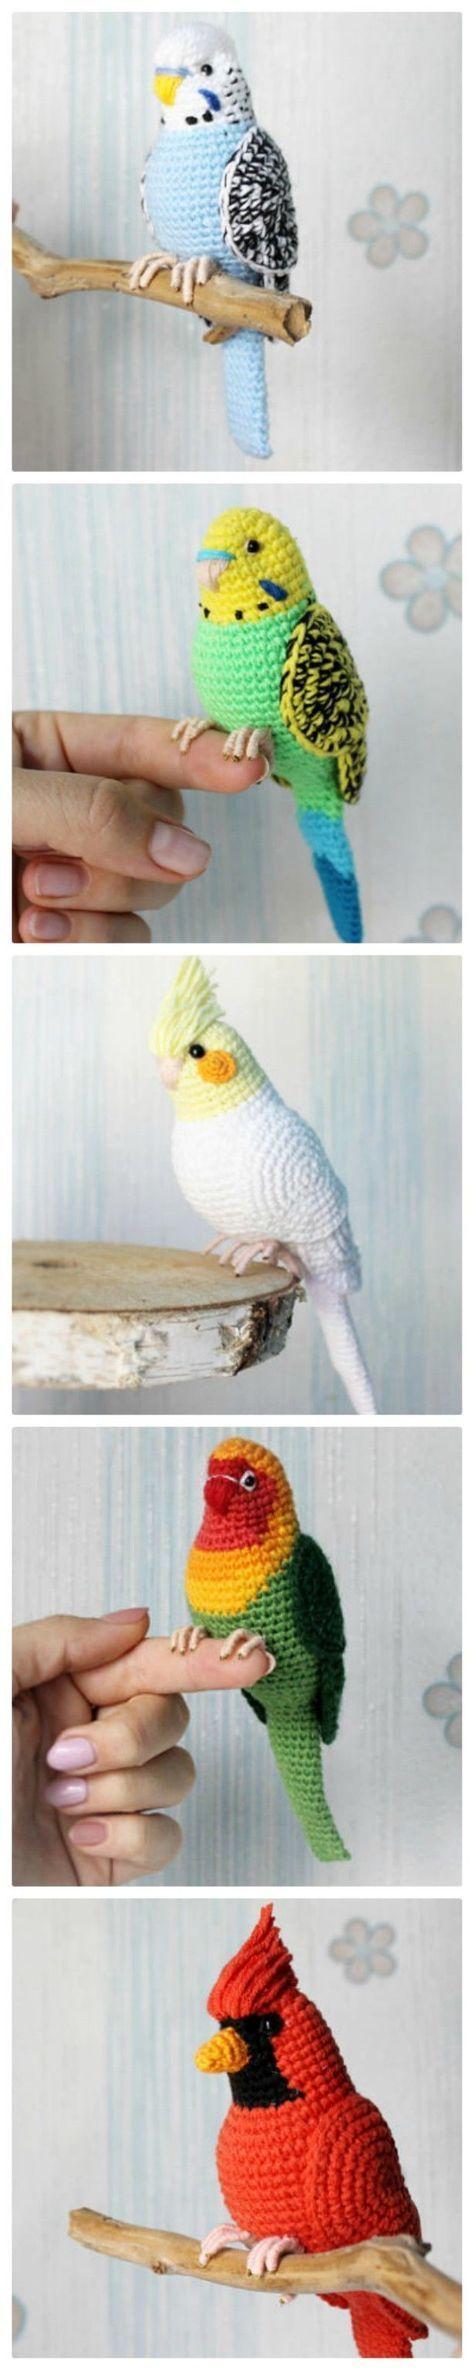 Häkeln Sie Vogel Muster einfach DIY Video #crochettoys